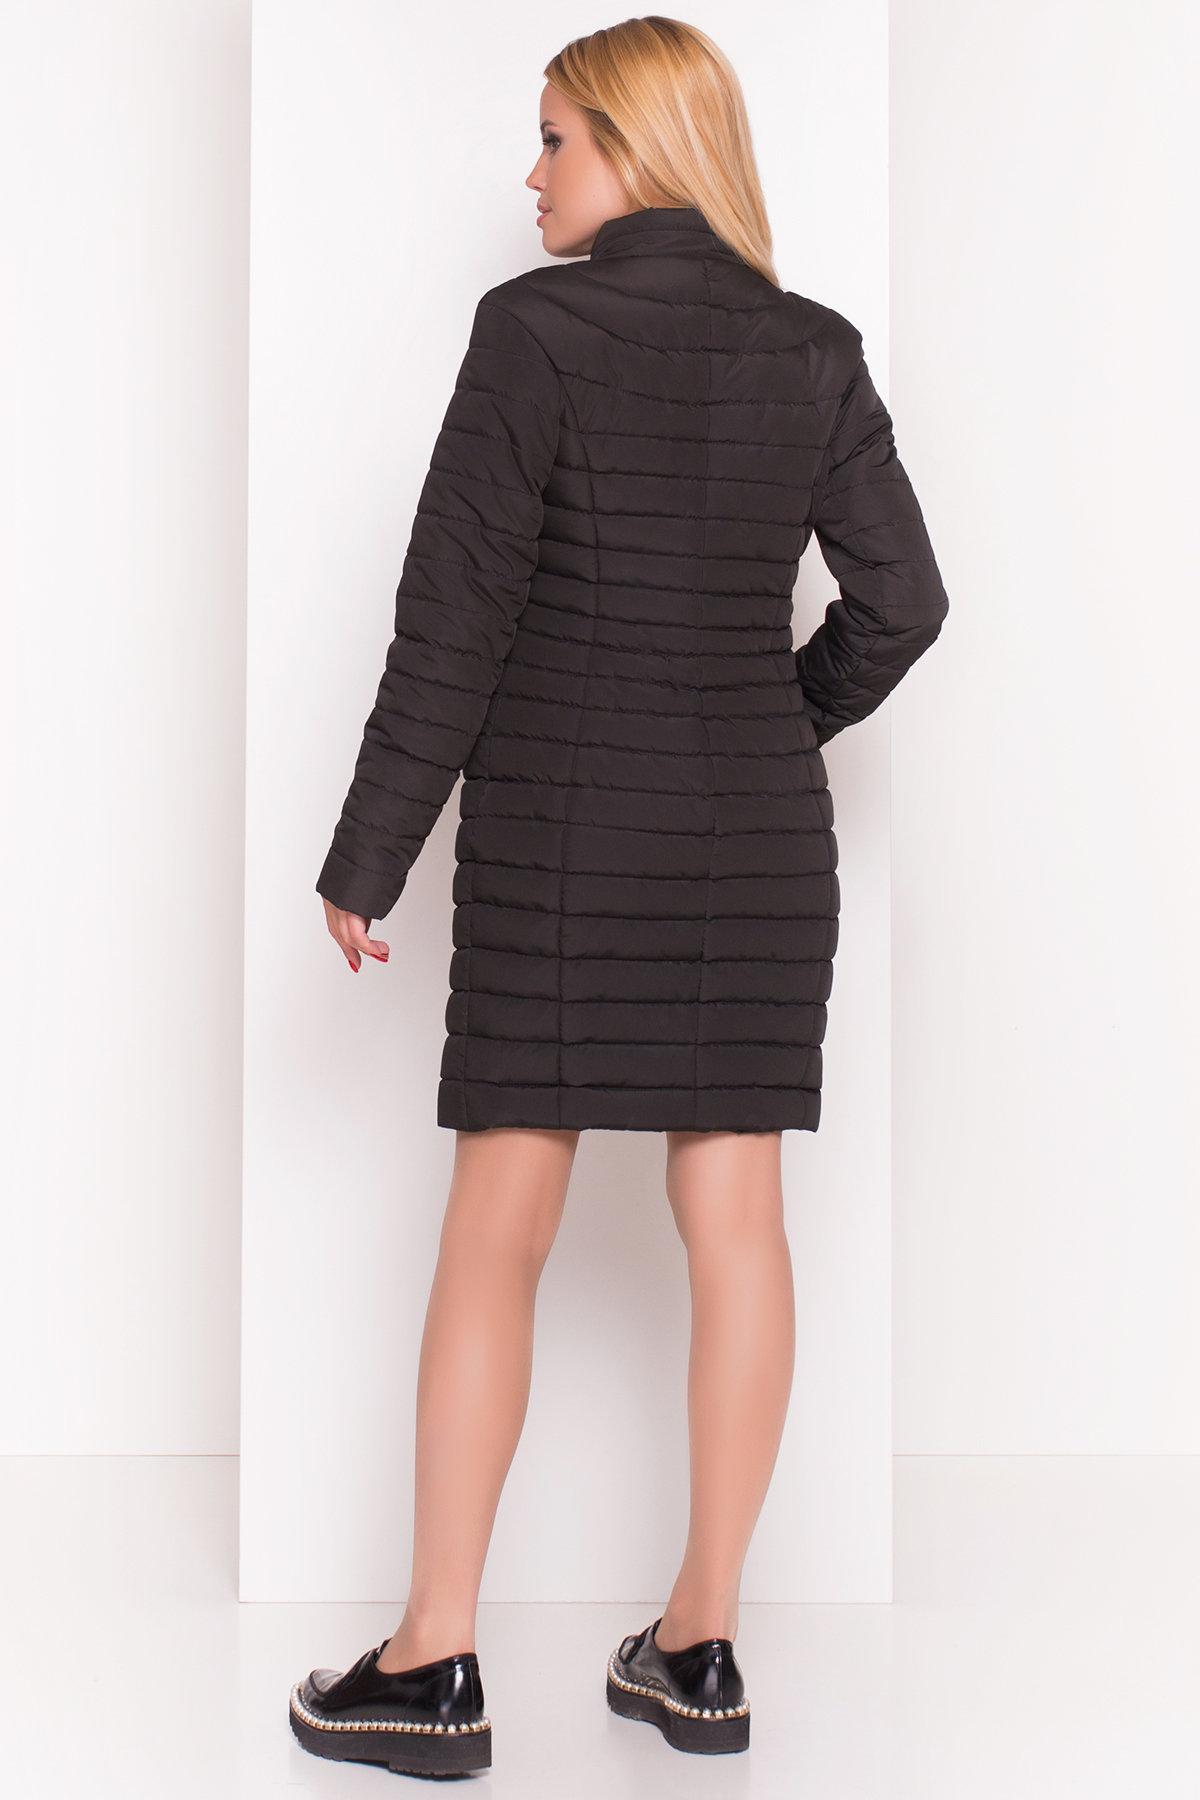 Стильное стеганое пальто Блисс 4520 АРТ. 36585 Цвет: Черный - фото 4, интернет магазин tm-modus.ru